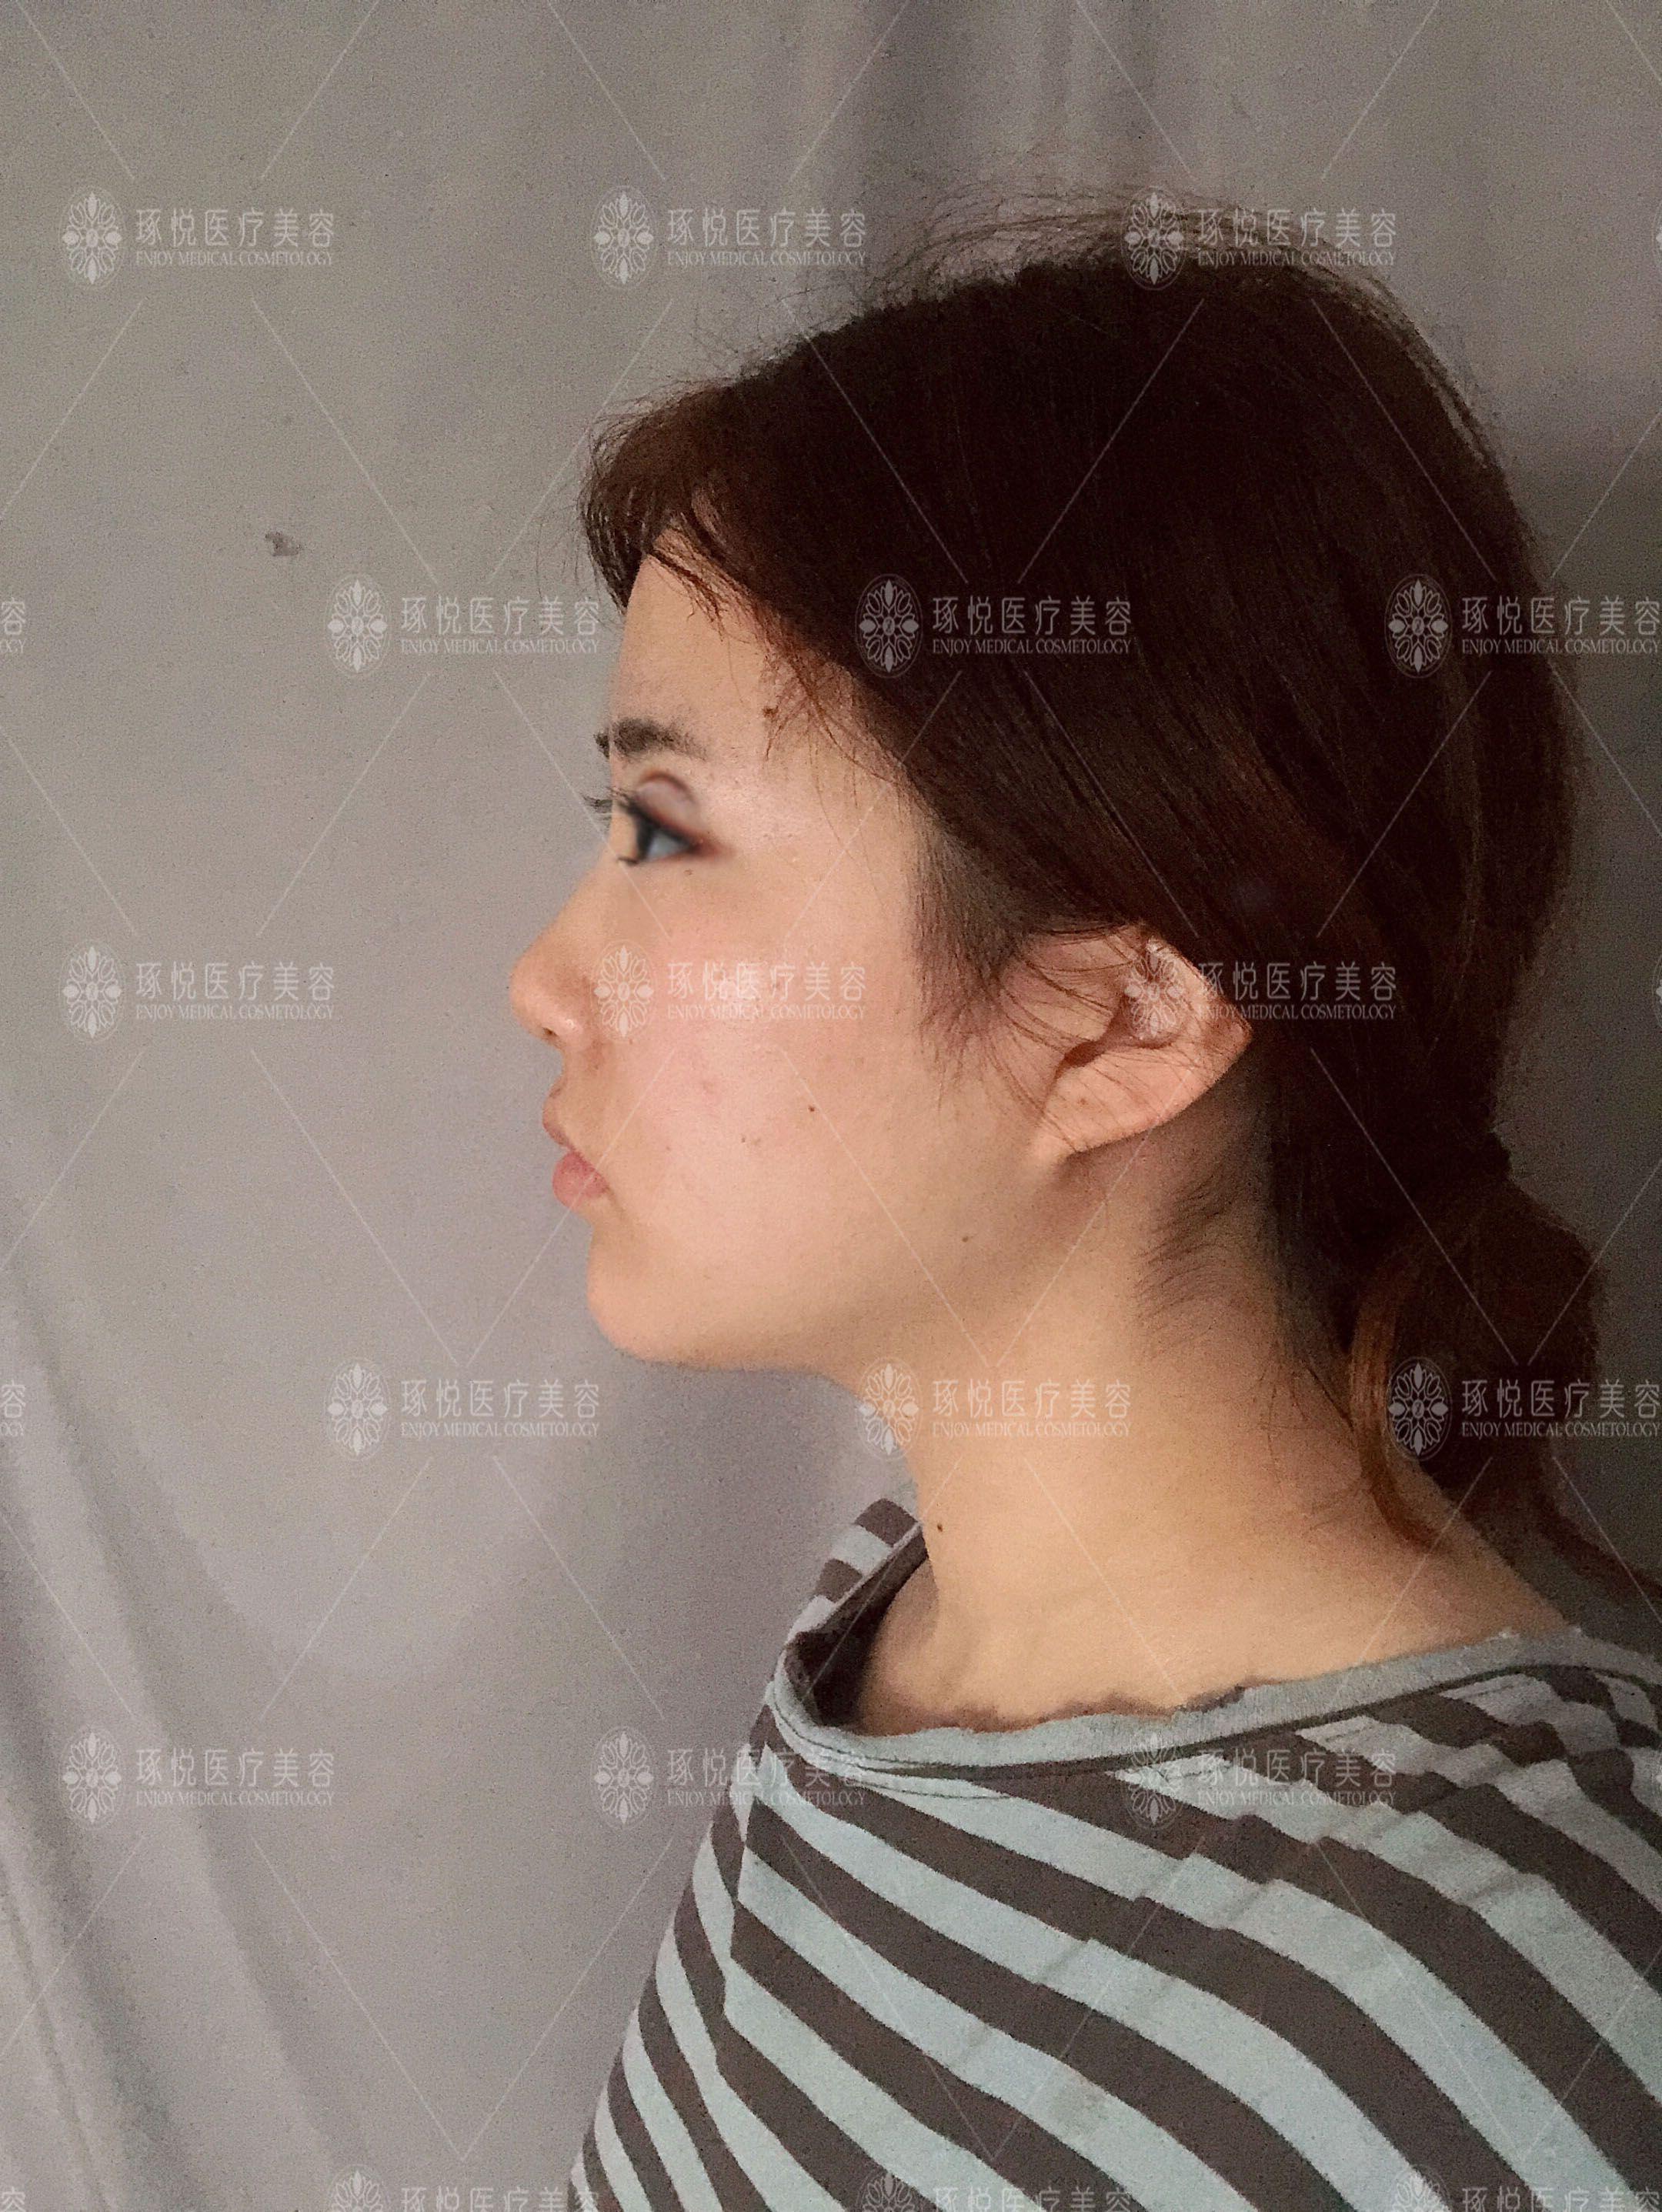 术中术后痛感真的很小很小,我因为体质的关系比较容易水肿,非常期待消肿之后的样子,我本身喜欢稍微宽点的双眼皮哦,所以让医生割的比较宽一些,这样就比较适合上妆呢,做完眼睛之后还想再弄下皮肤,最近总是熬夜对皮肤有点点不好,做完双眼皮之后我在恢复前会带个框架眼睛,这样就没什么啦